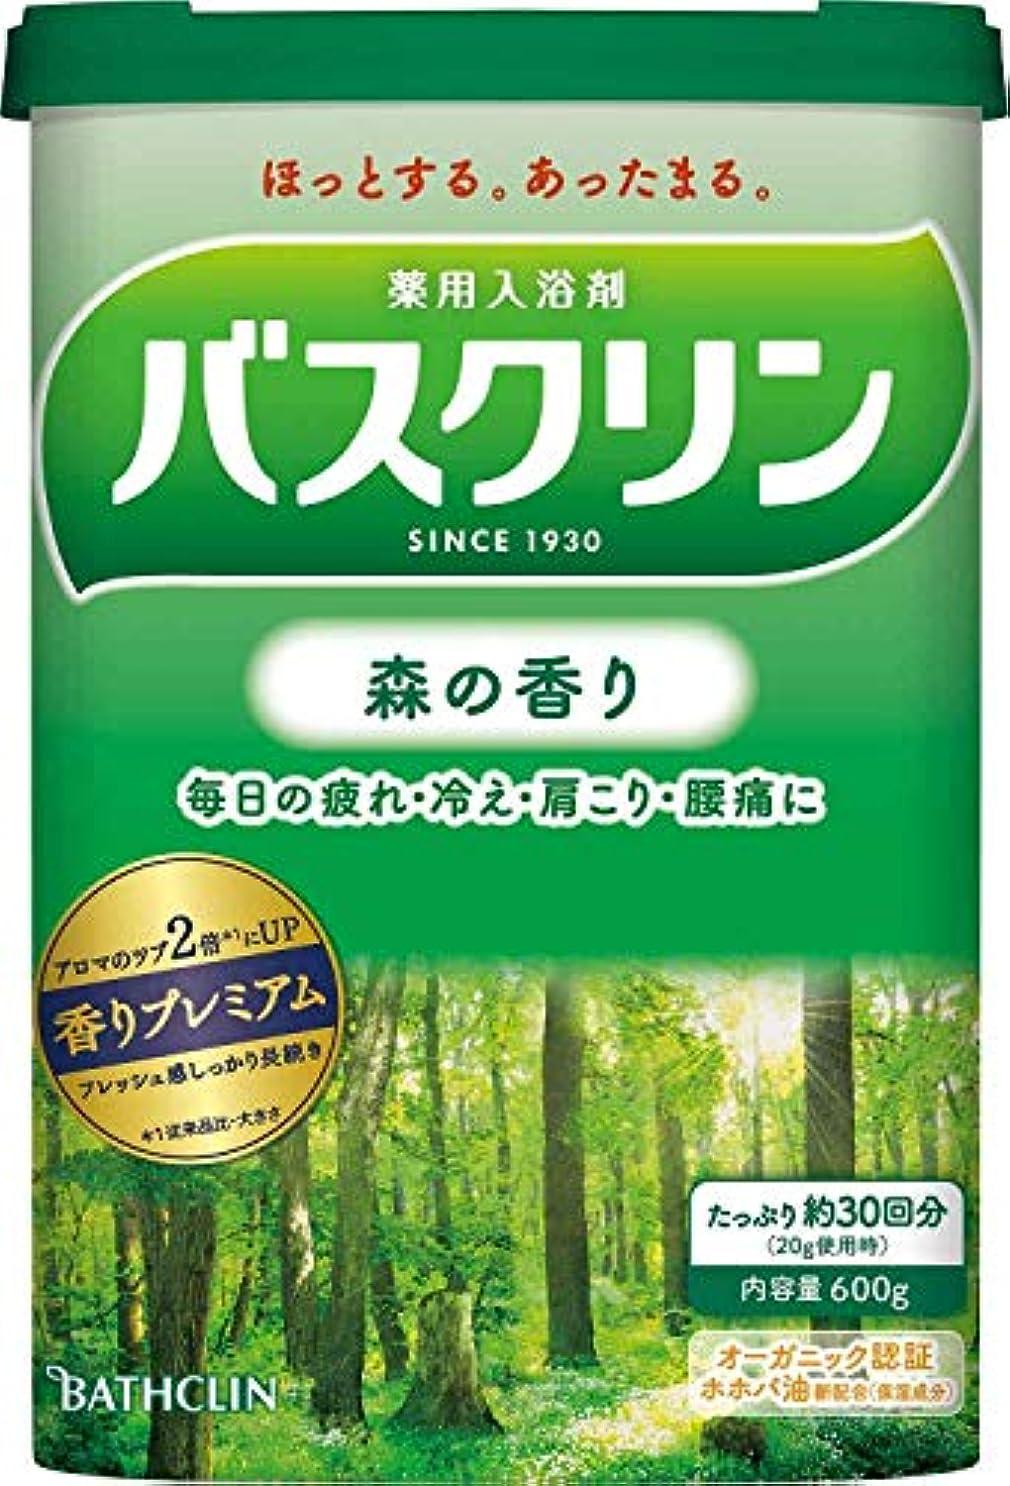 衛星暴力ご飯【医薬部外品】バスクリン森の香り600g入浴剤(約30回分)